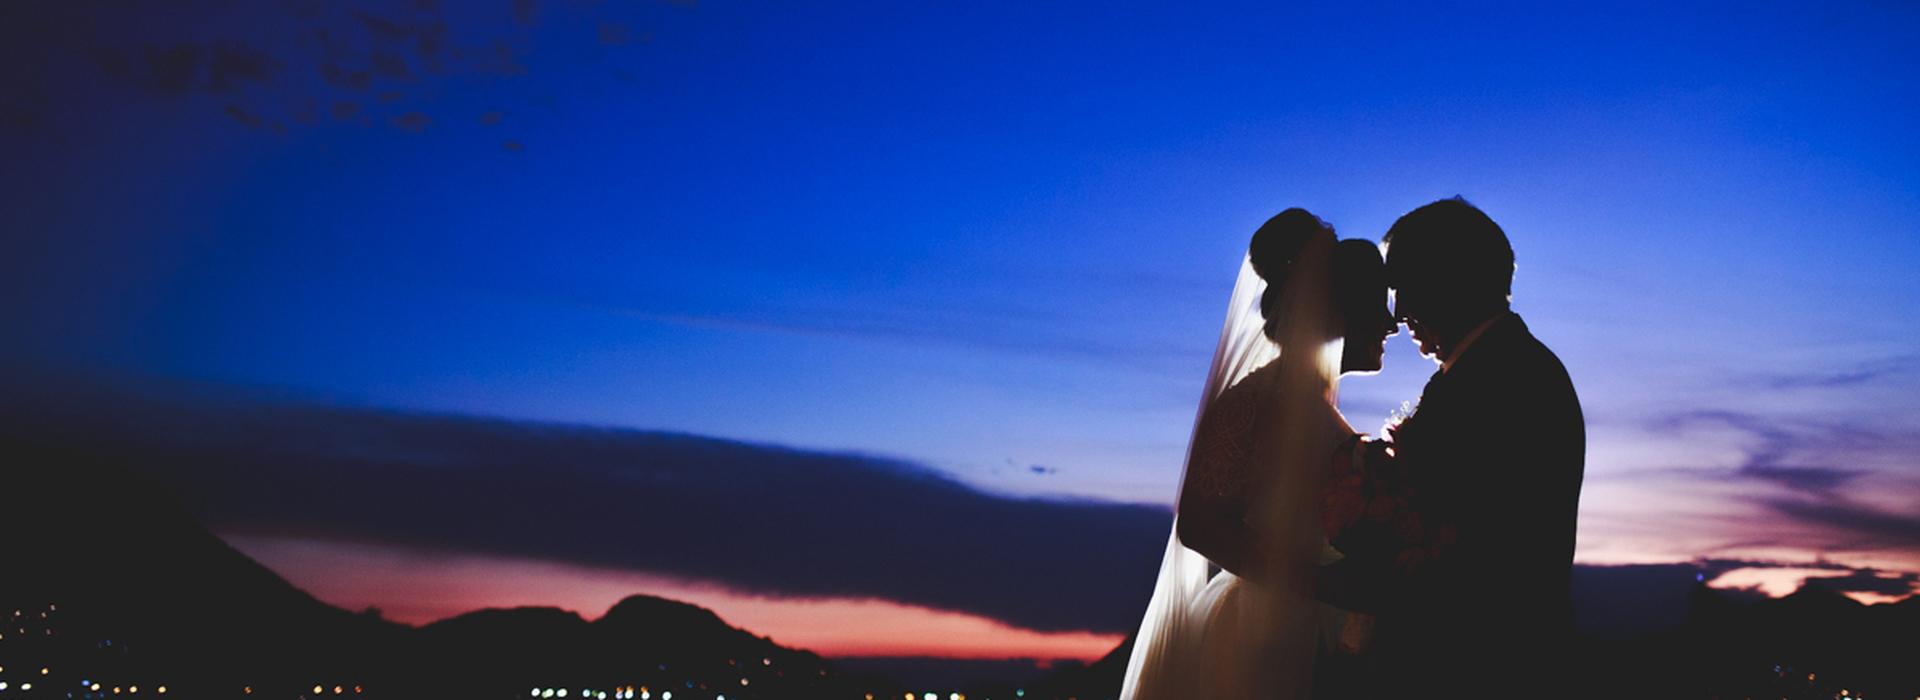 Casamento de Hazel e Rogério em Niterói - RJ